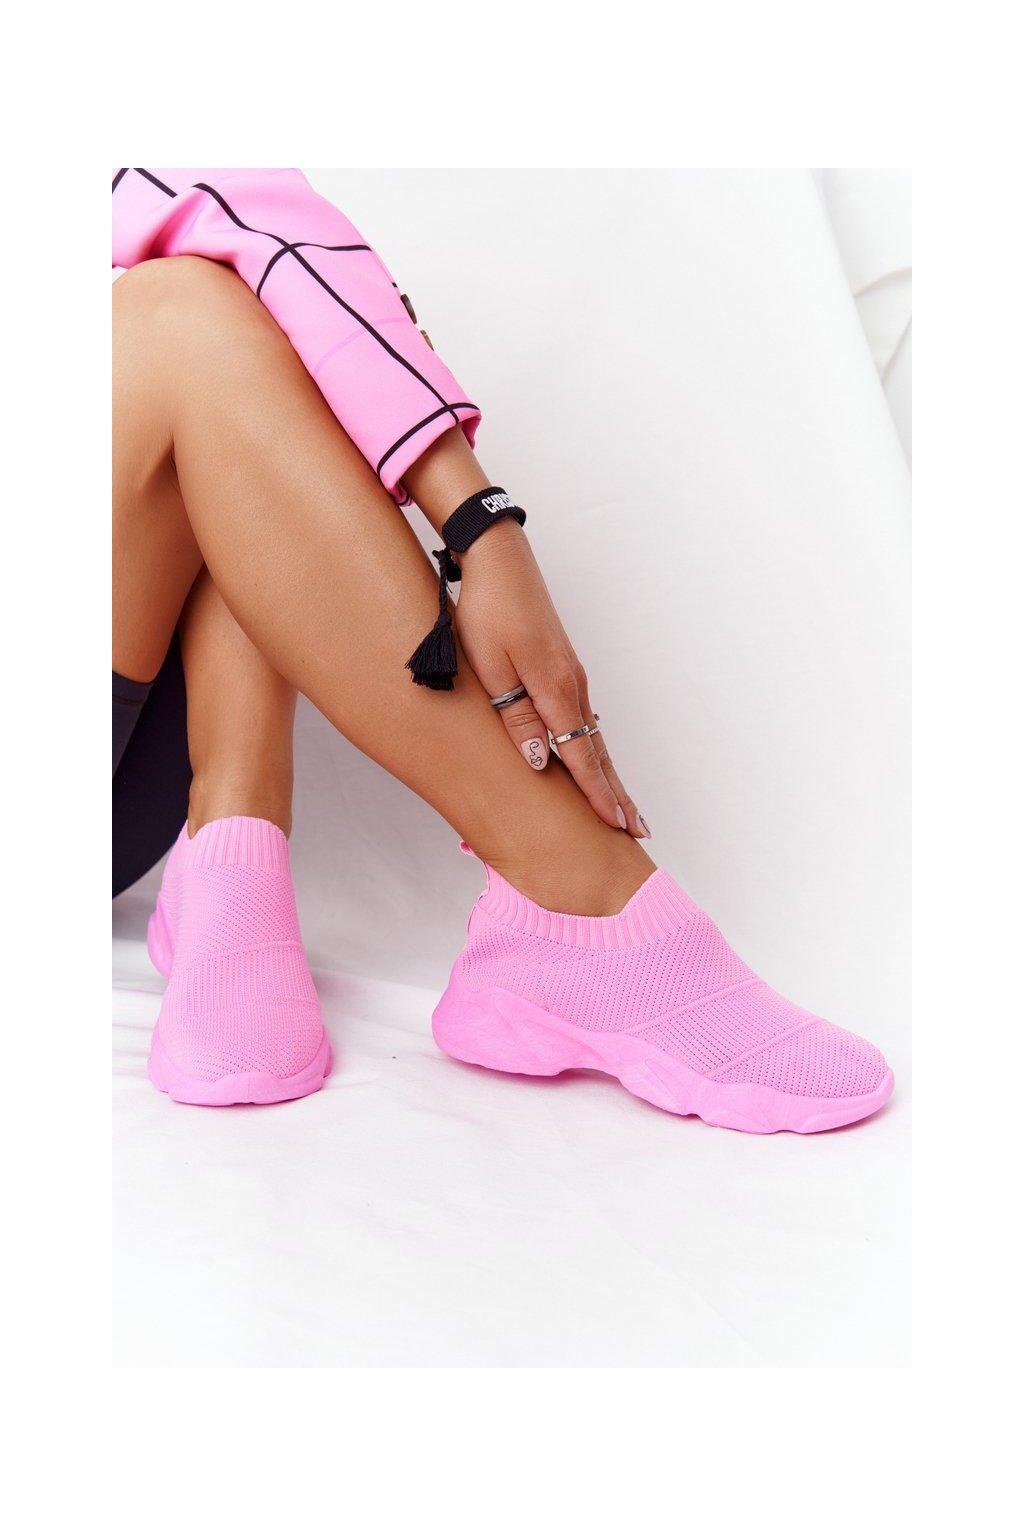 Dámske tenisky farba ružová NJSK NB399 PEACH